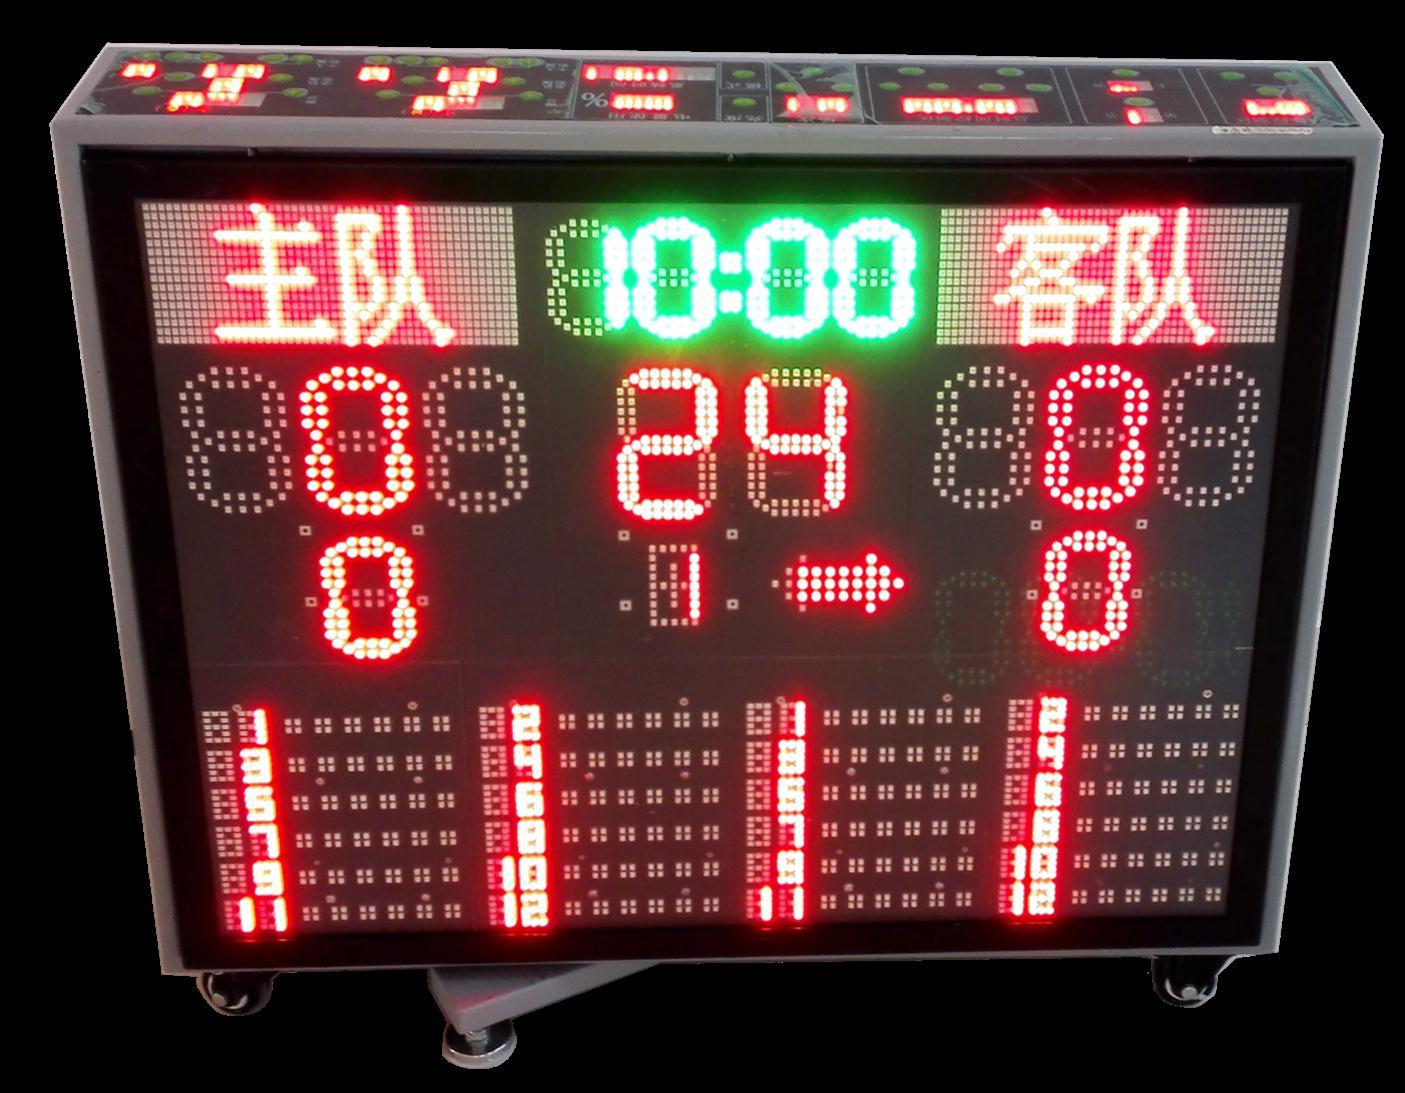 北京星奥冰球计时记分稳定性强